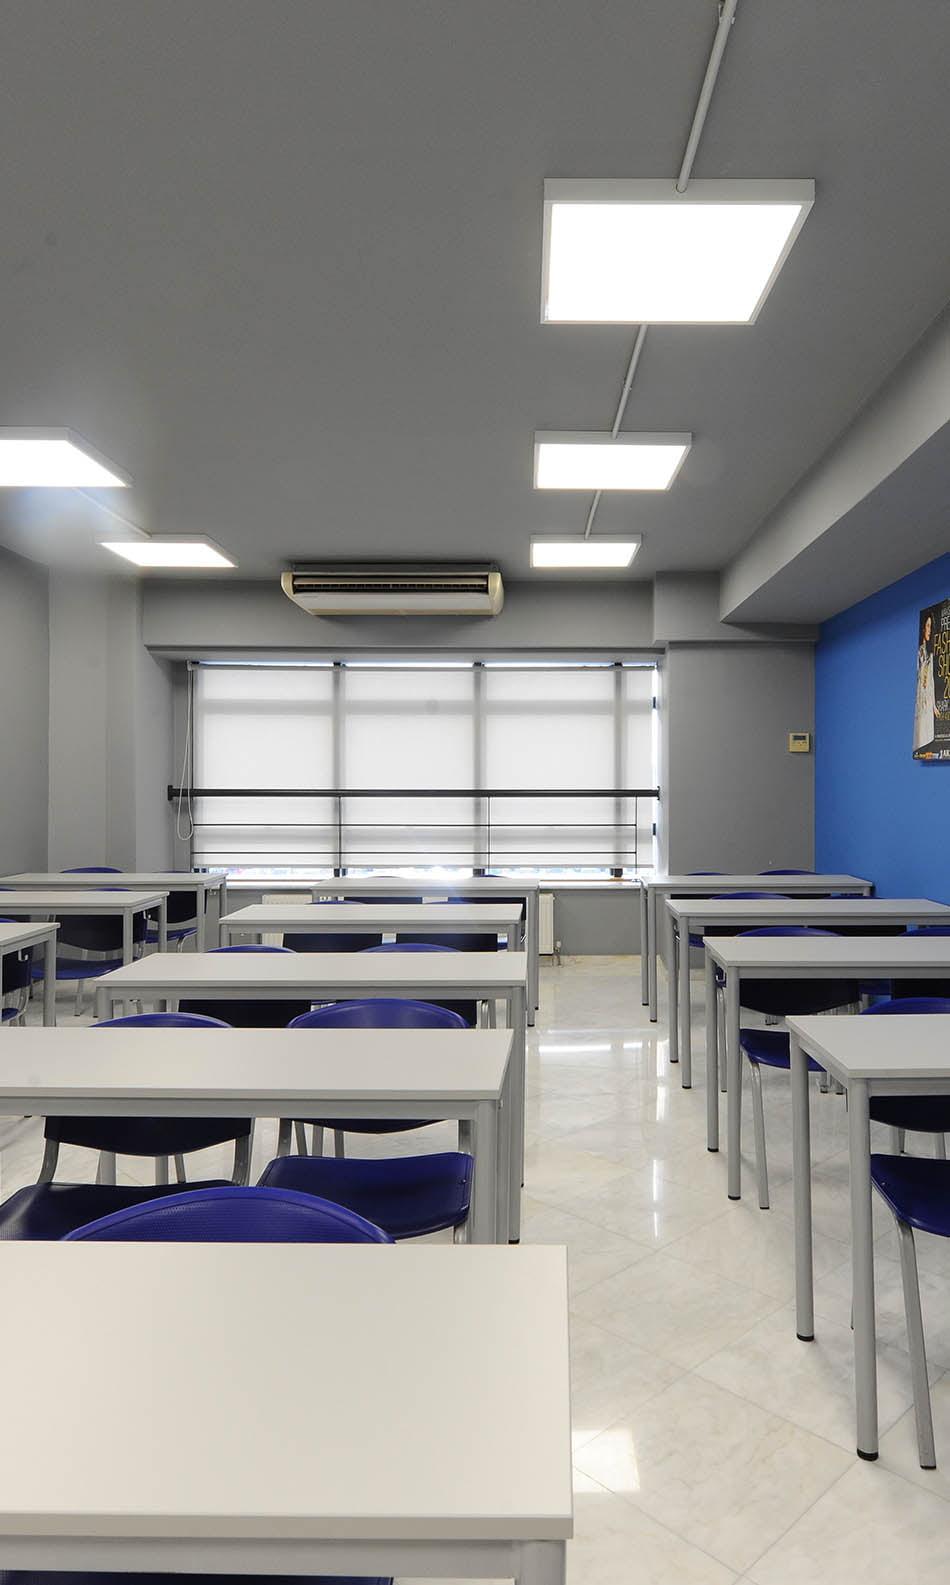 ΙΕΚ ΑΚΜΗ: Εργαστήριο Σχολής Ναυτιλιακών Σπουδών